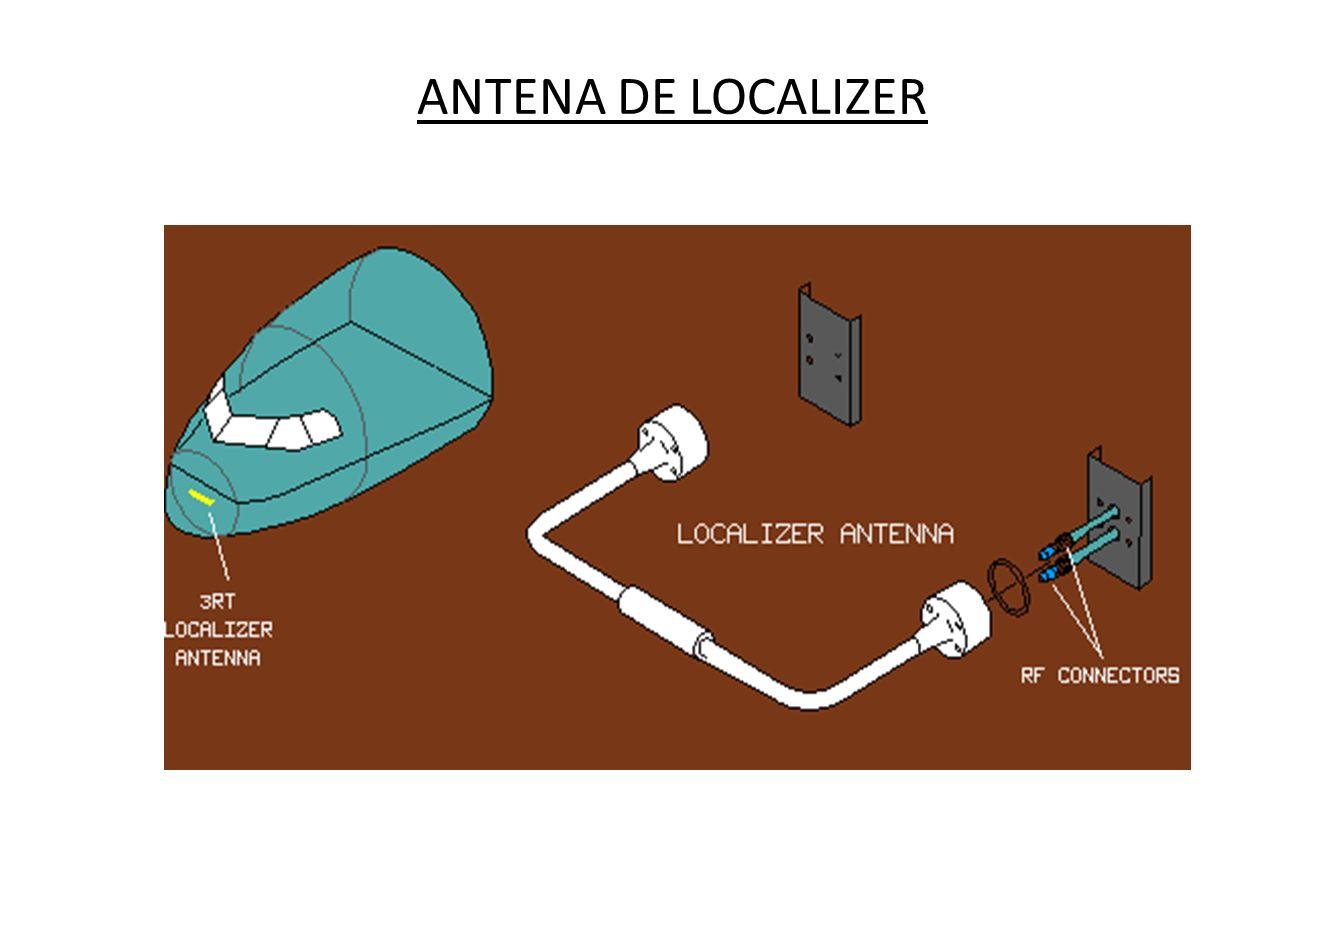 ANTENA DE LOCALIZER